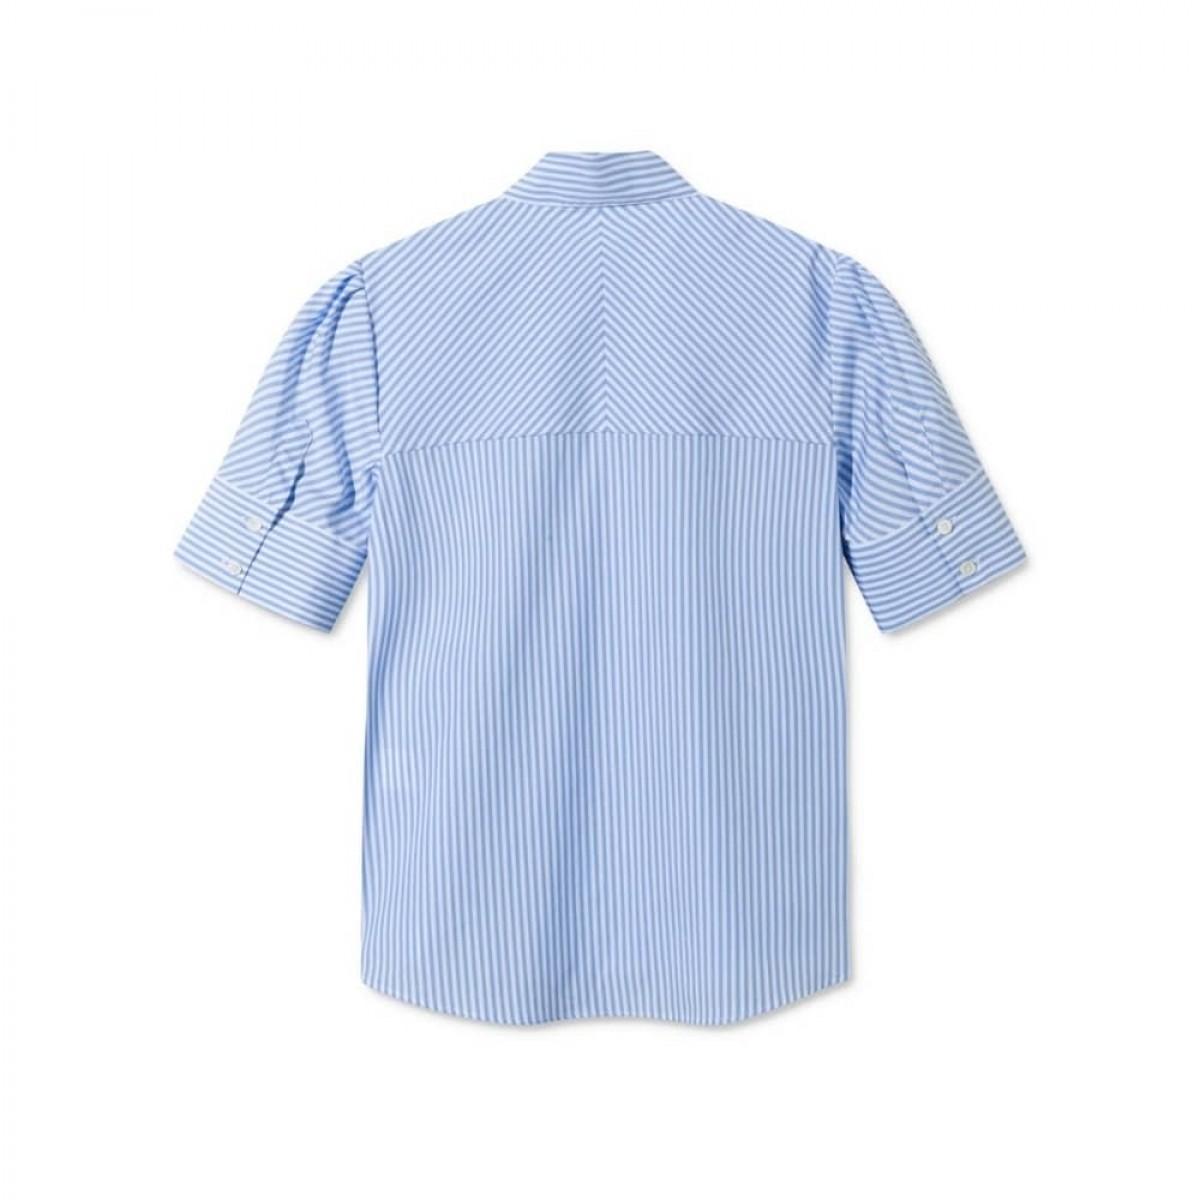 silje kort ærmet skjorte - light blue/white stripe - ryggen